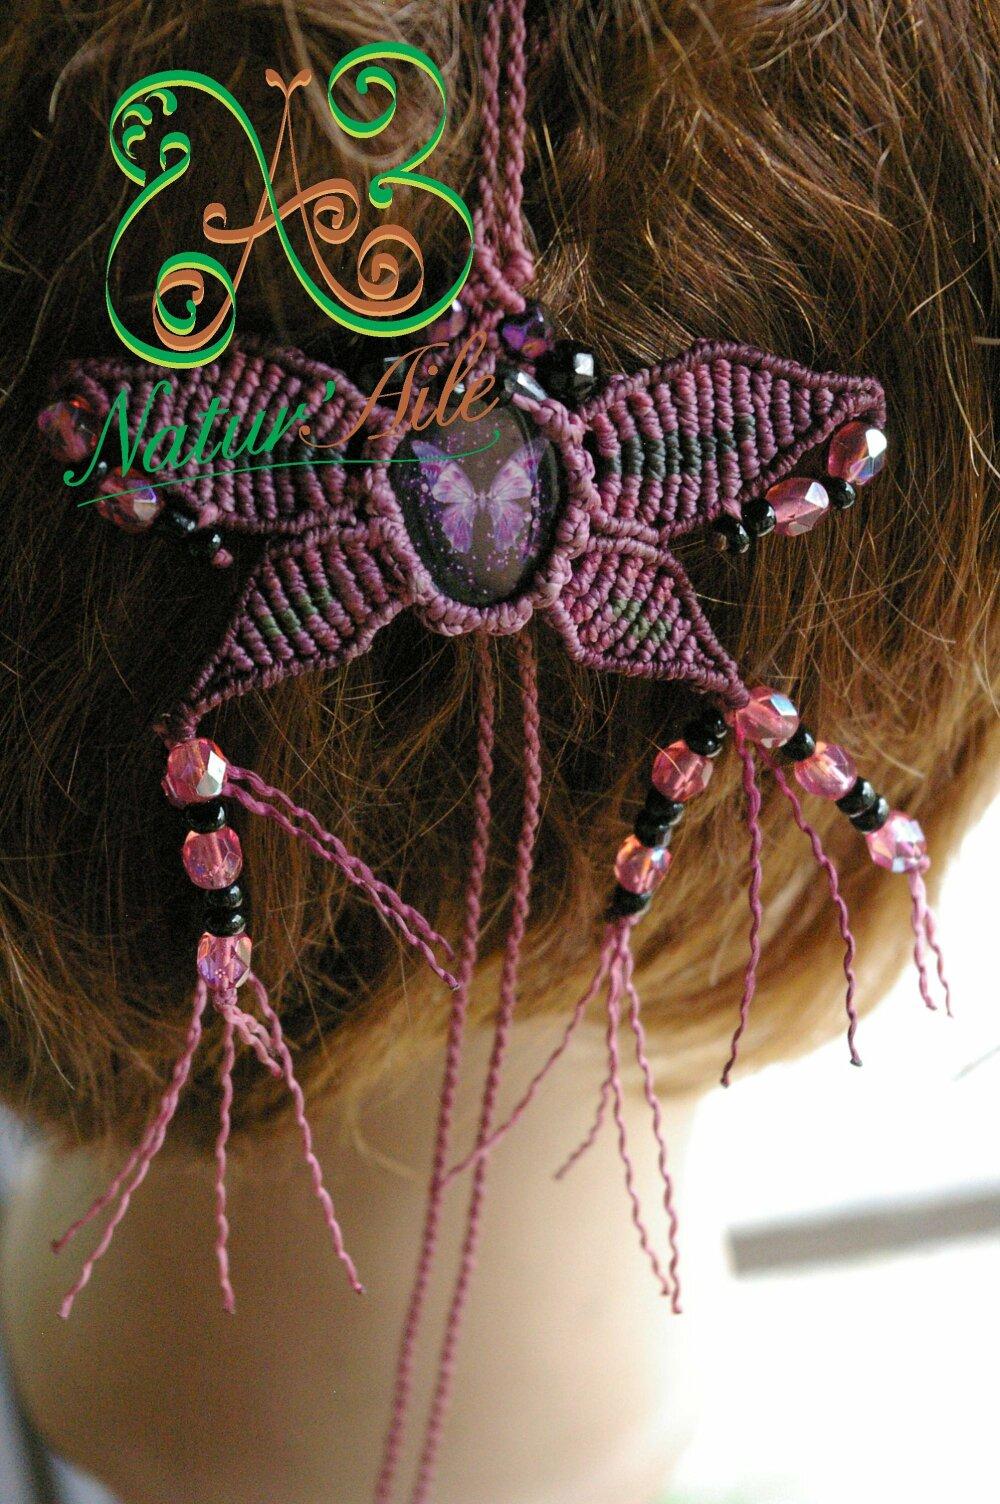 Natte Maïta papillon  violet et perles rose multifacette et noir,#Dreads# atebas#BOHO #Macramé#BIJOUX#Cheveux#Unique#Accessoires